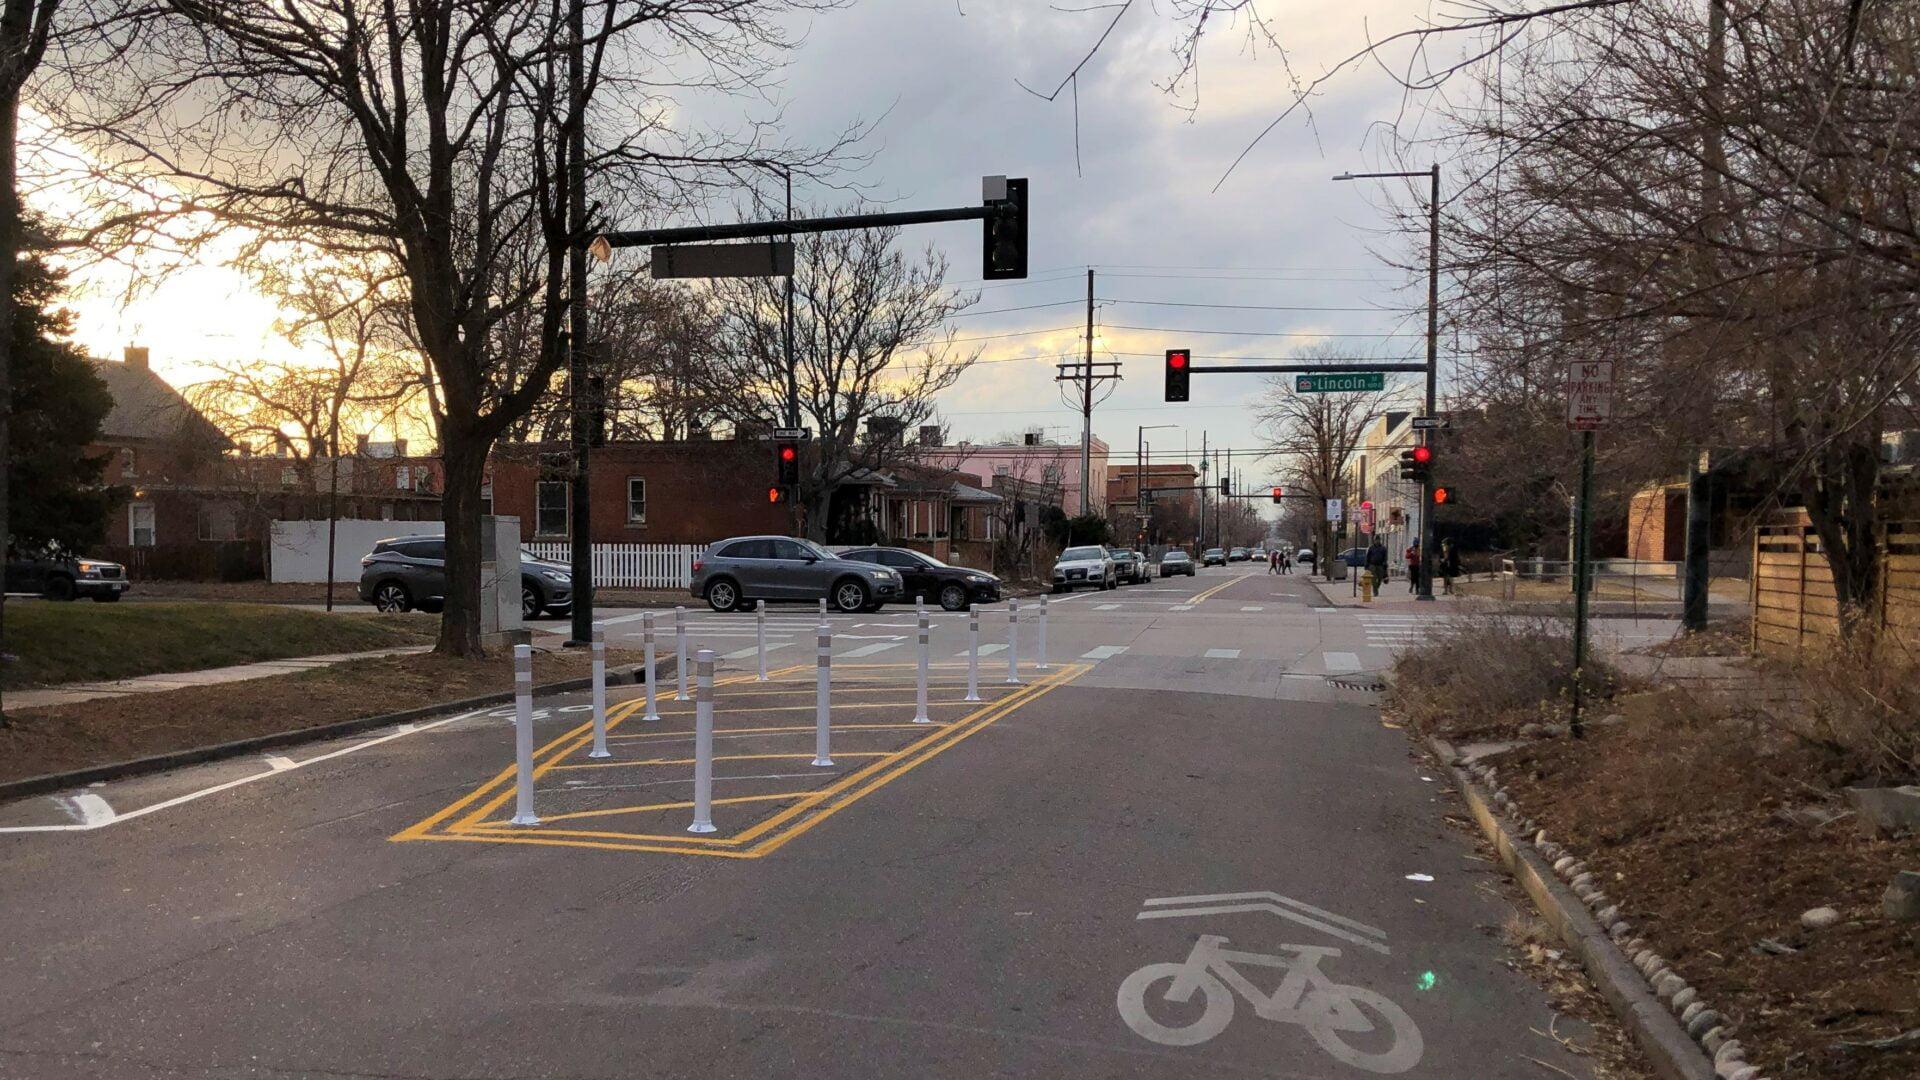 Bayaud Ave shared bike lane in Denver, CO.